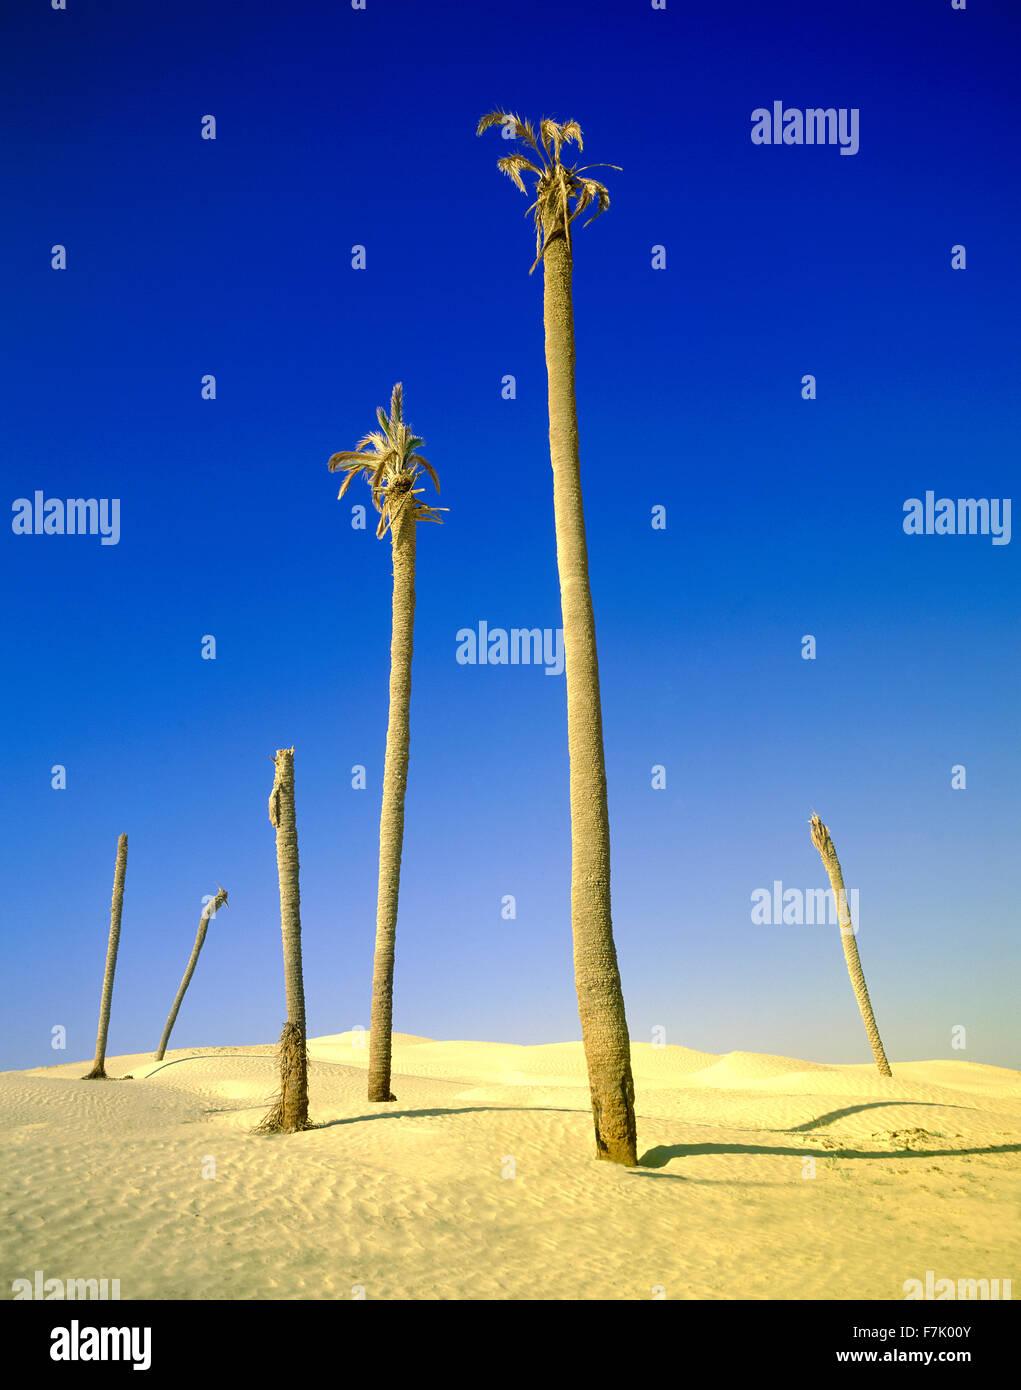 Palmiers morts à la grande dune. Le désert du Sahara. Sur les bords de la petite ville de Douz. Nefzaoua, Photo Stock